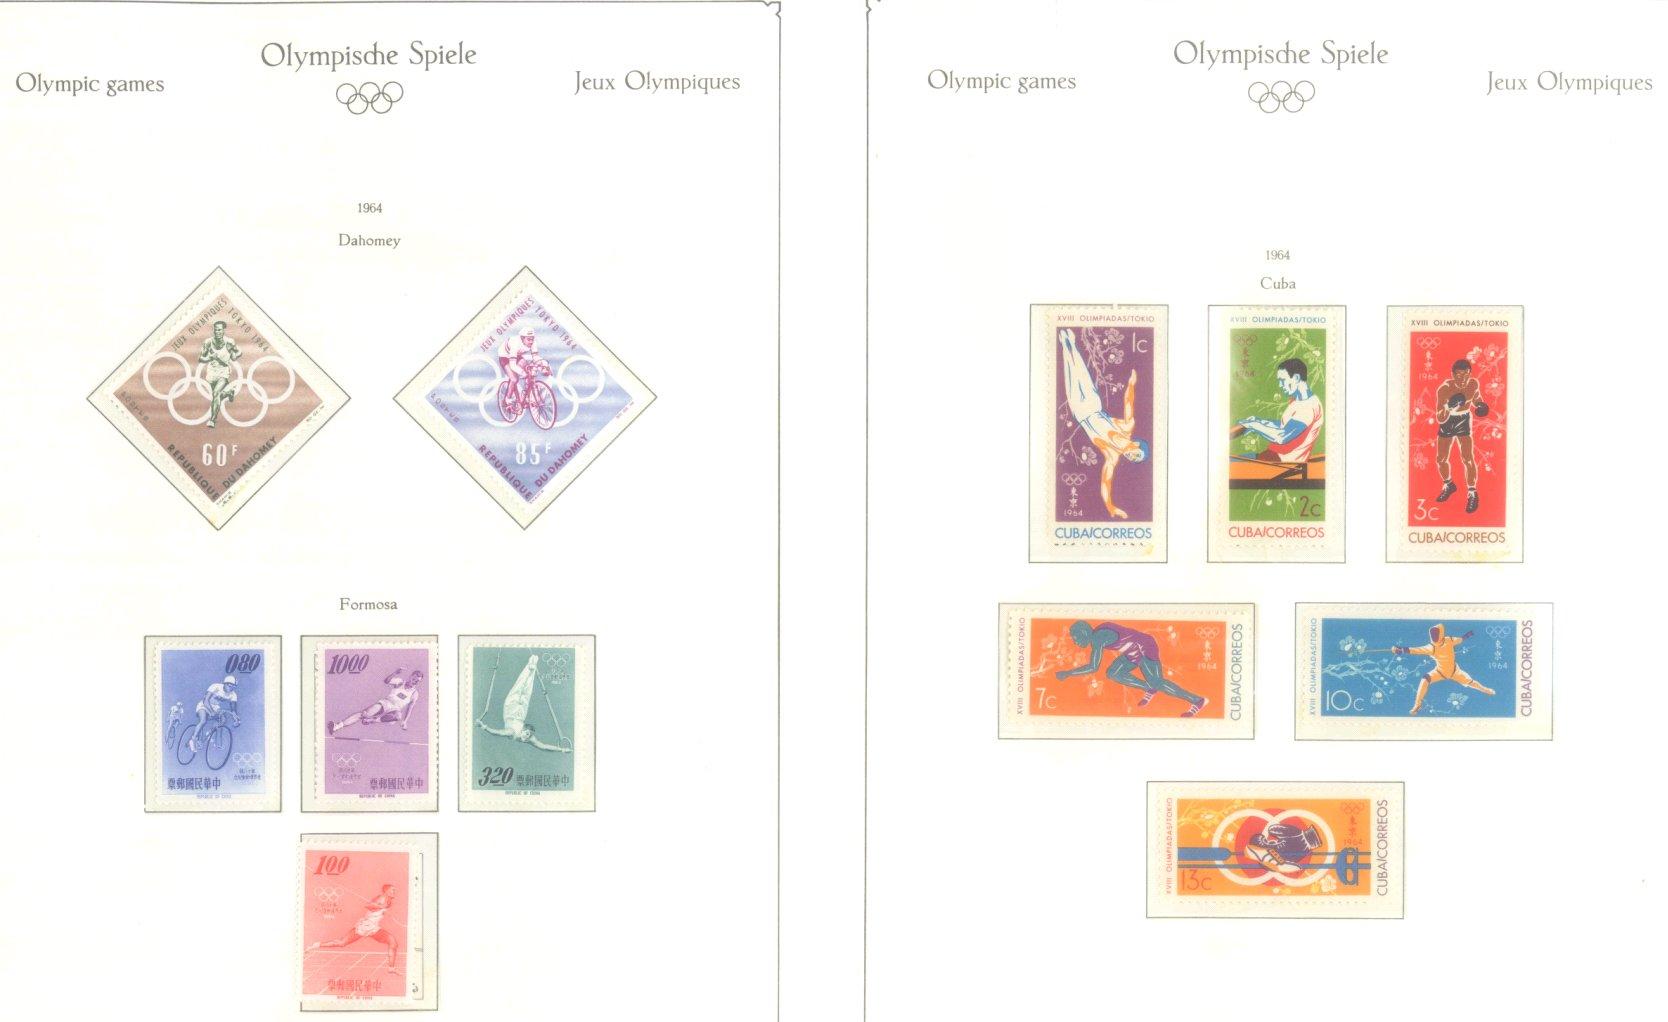 OLYMPISCHE SPIELE 1964 TOKIO, postfrische Sammlung Teil 1-5